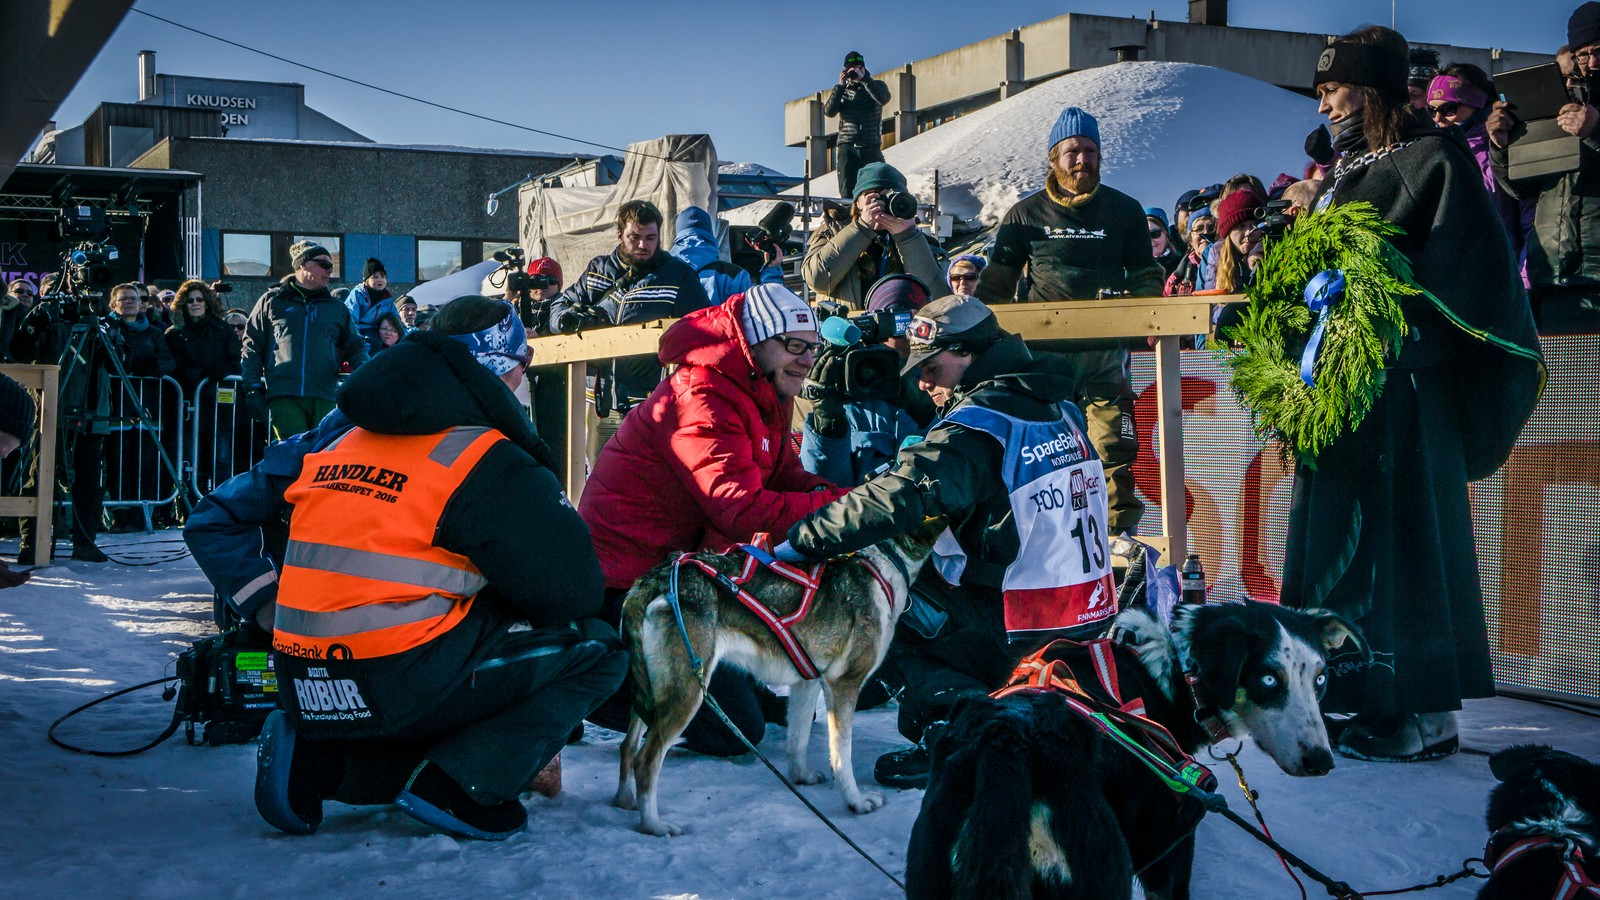 Seiersintervju ved målgang. Alle vil snakke med vinneren av Finnmarksløpet.